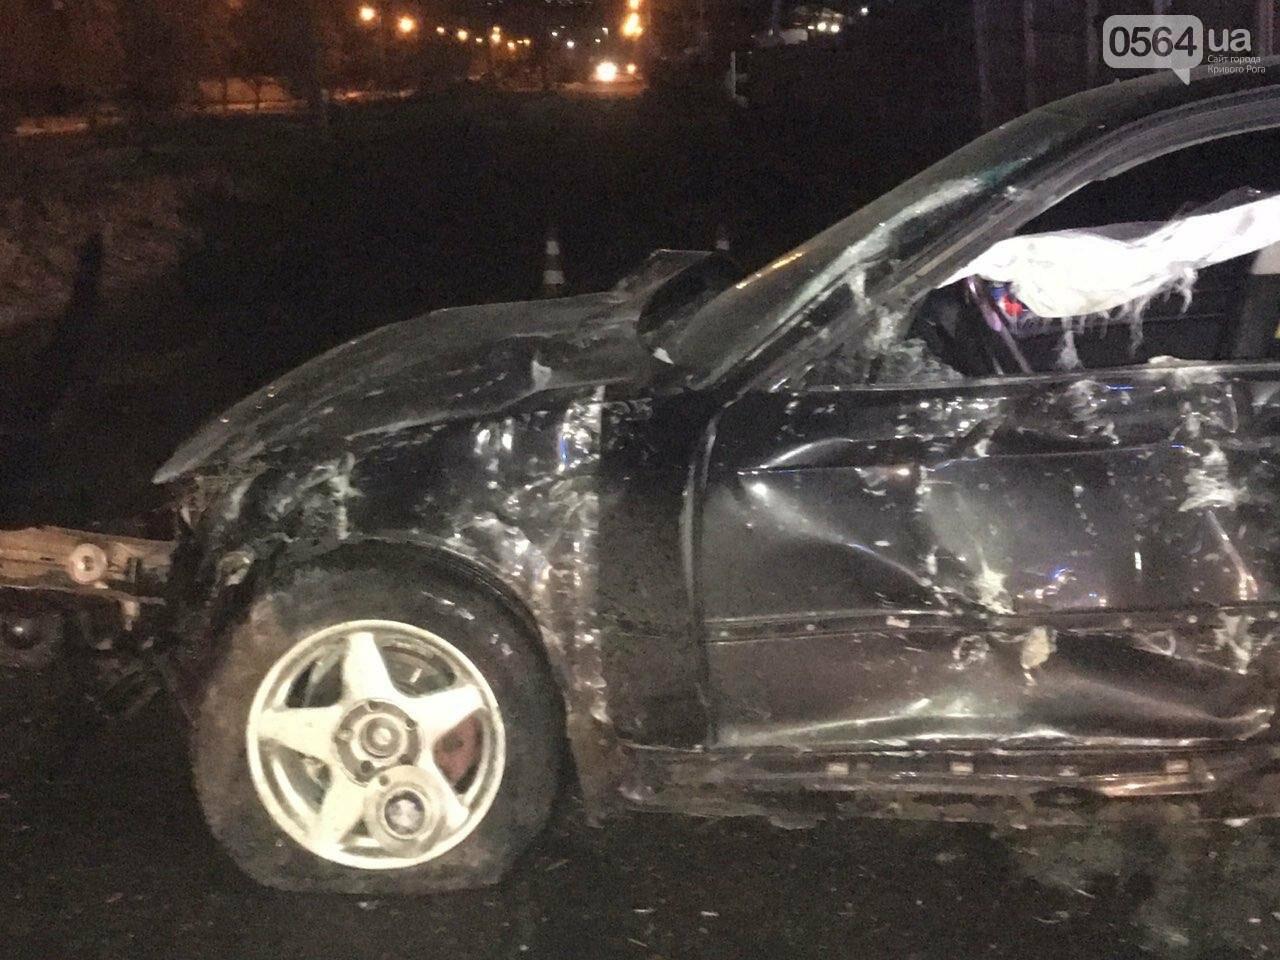 """В Кривом Роге """"BMW"""" снес забор стоянки: повреждено около 10 машин, есть пострадавший, - ФОТО , фото-20"""